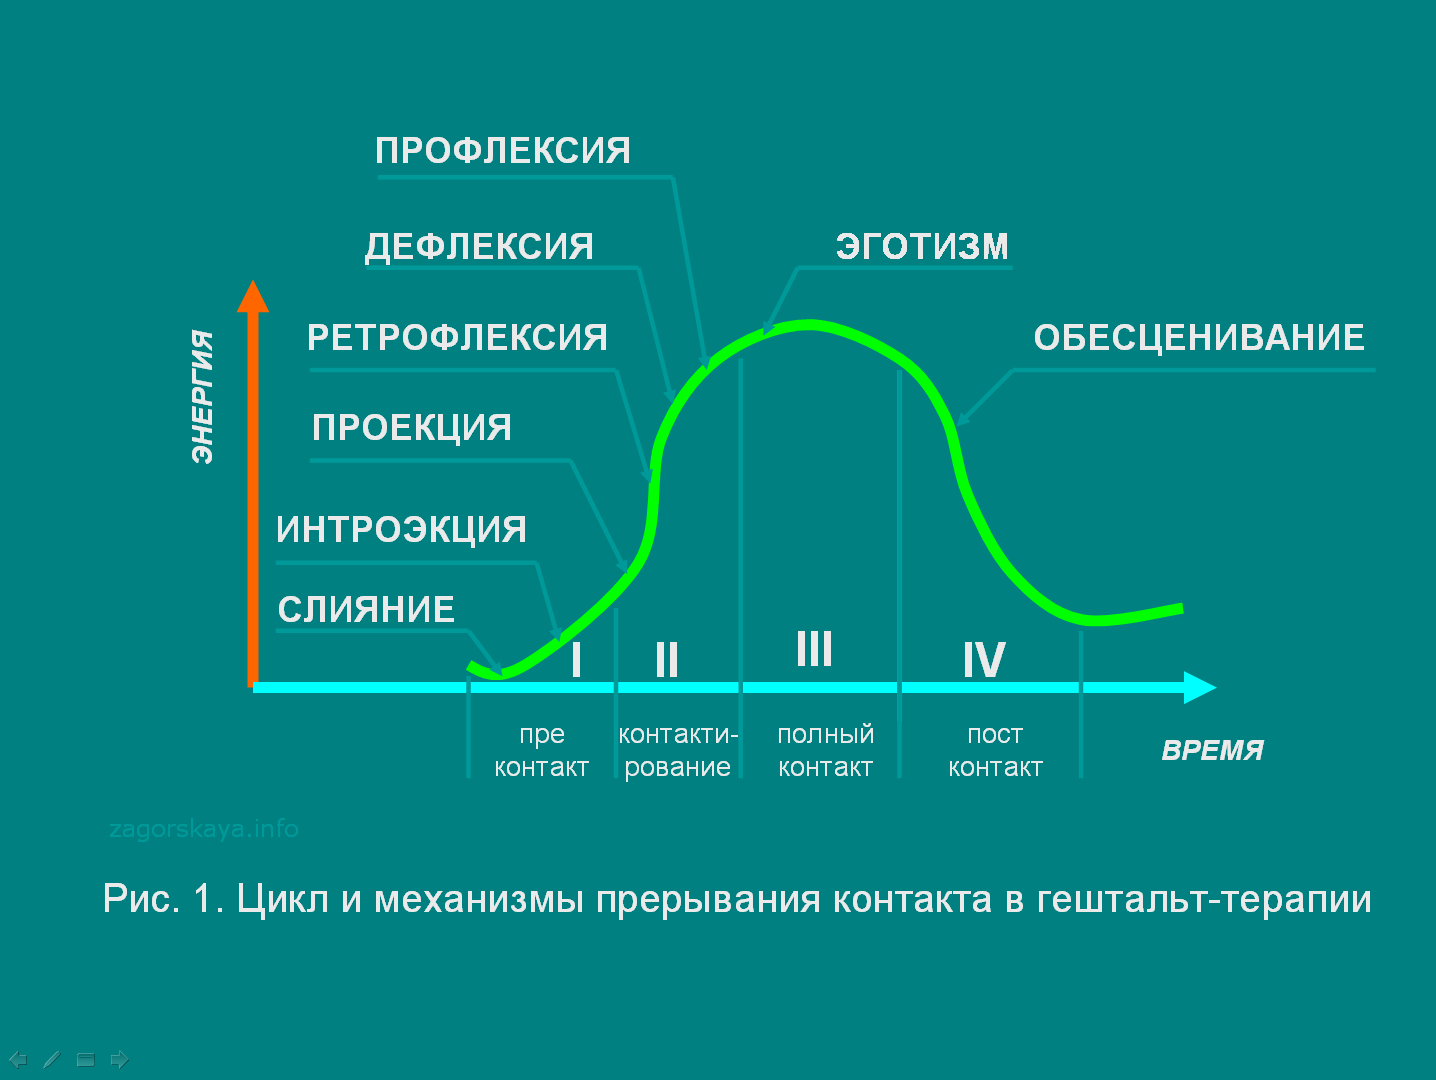 Проекция (психология)